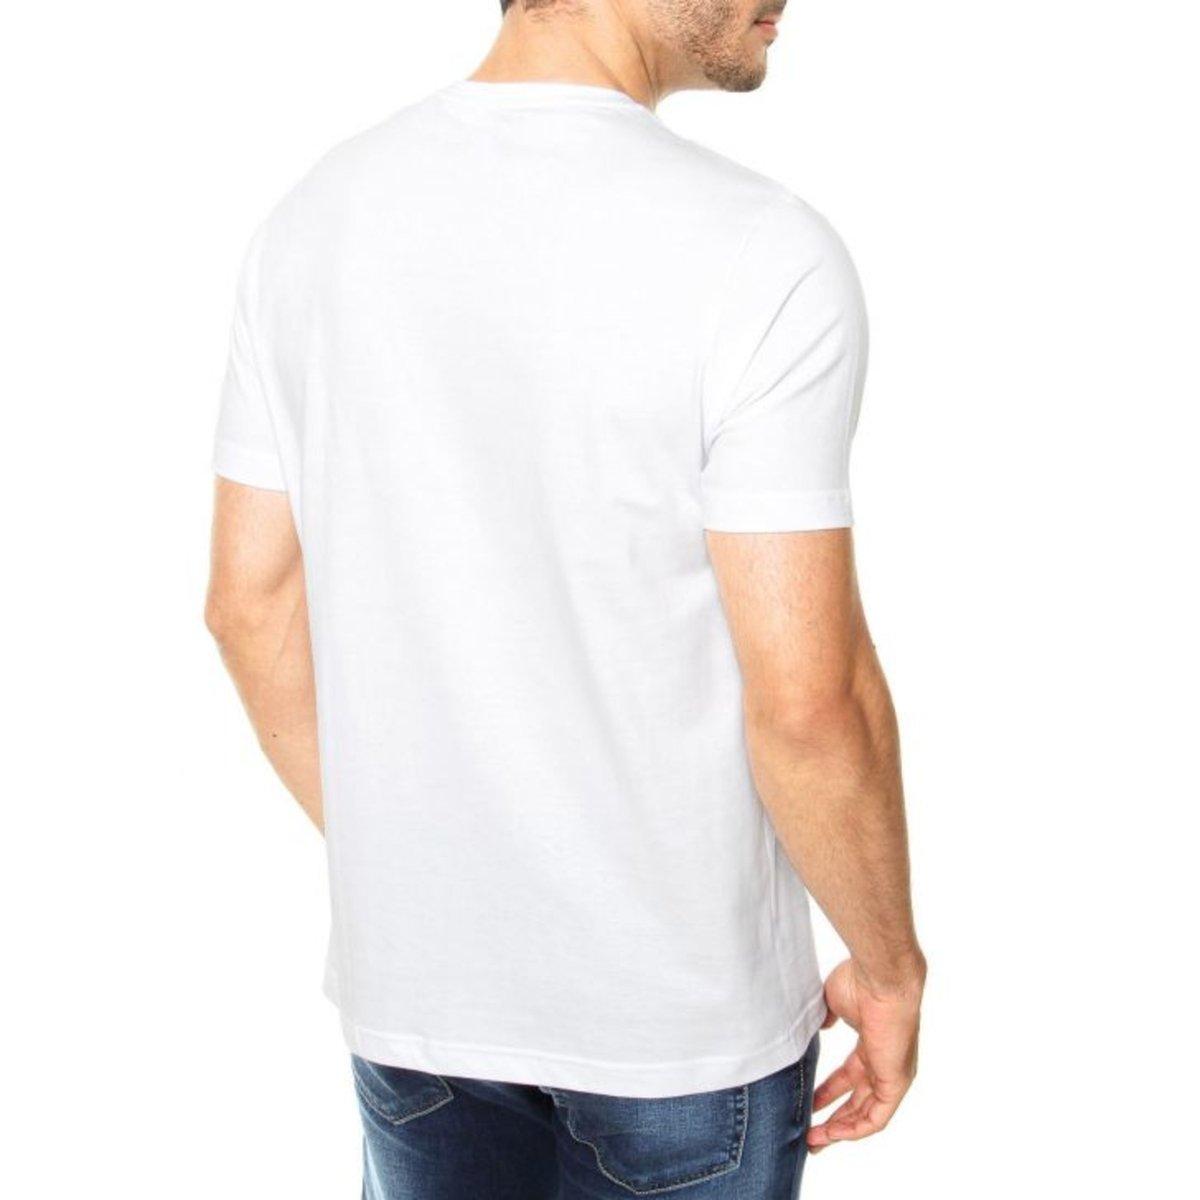 Camiseta Criativa Urbana Caveira Punk - Branco oxhASDwx